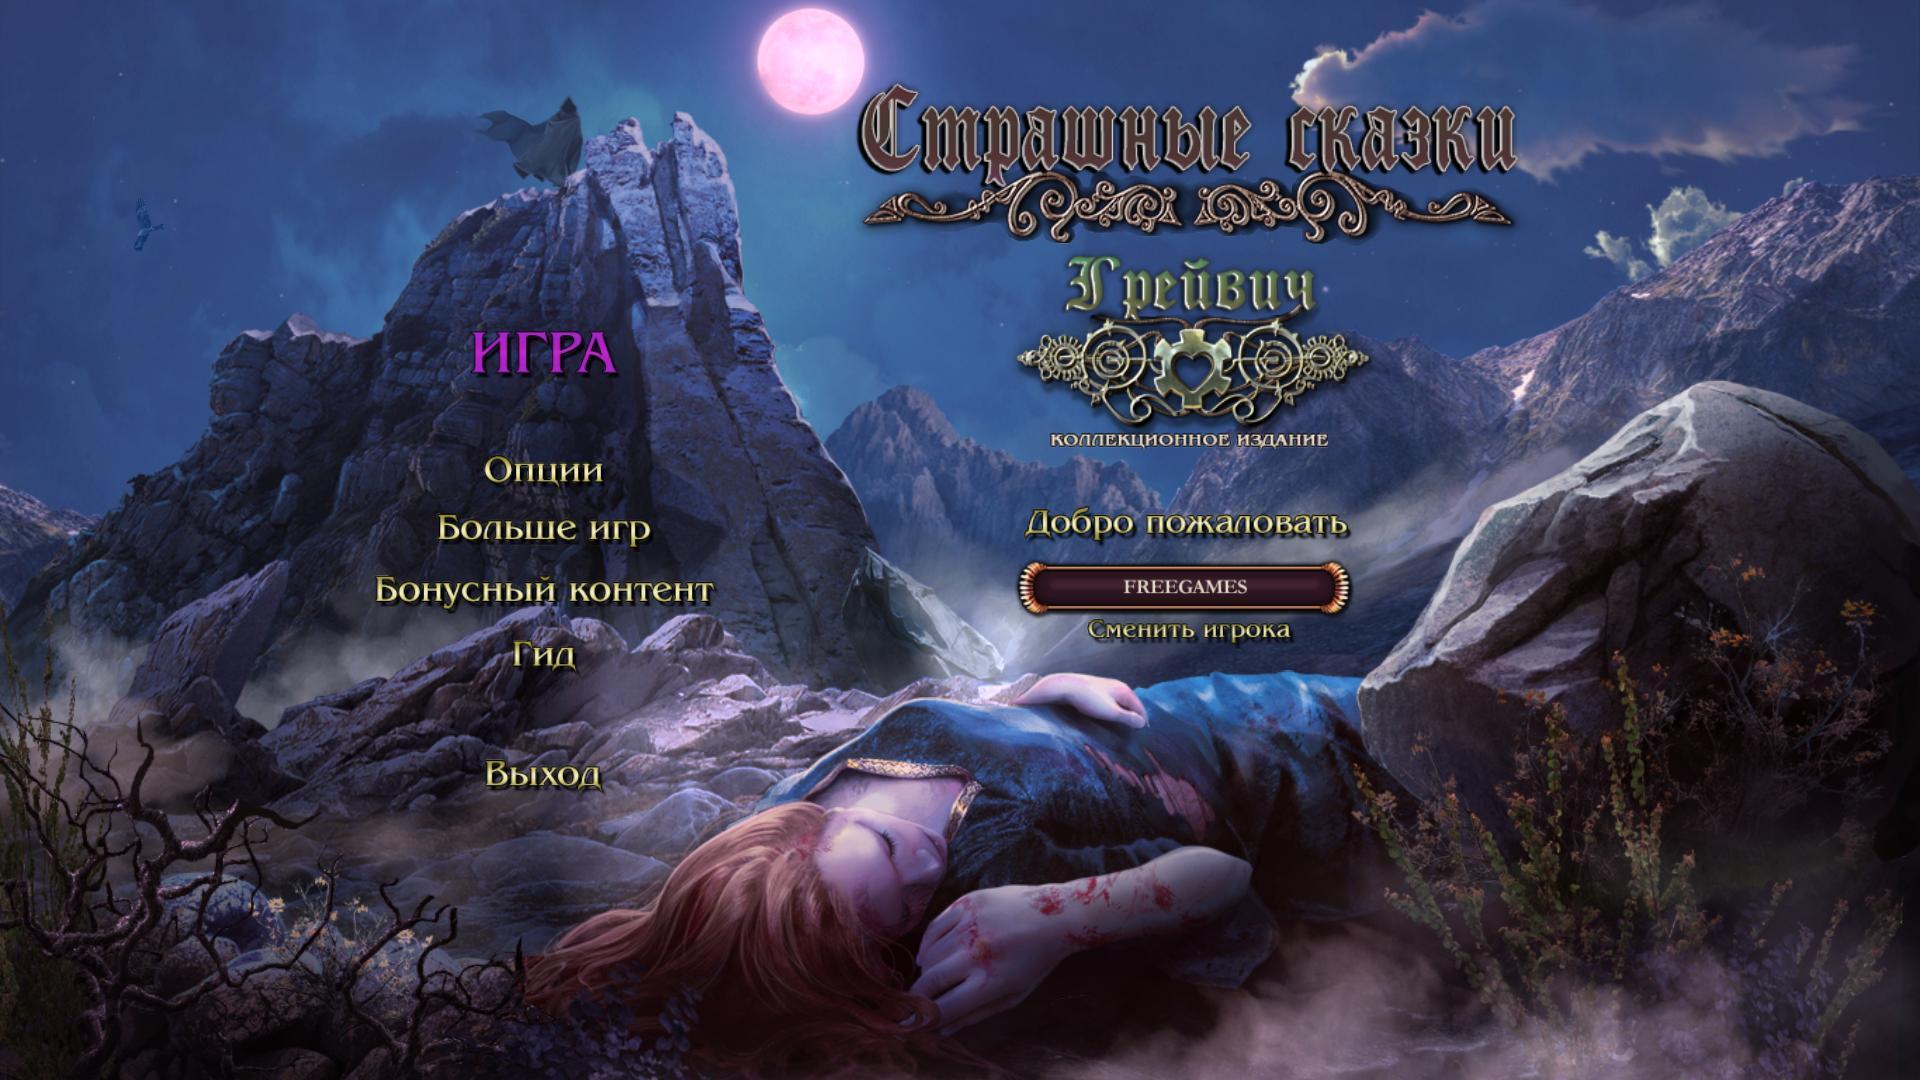 Страшные сказки 12: Грейвич. Коллекционное издание | Grim Tales 12: Graywitch CE (Rus)